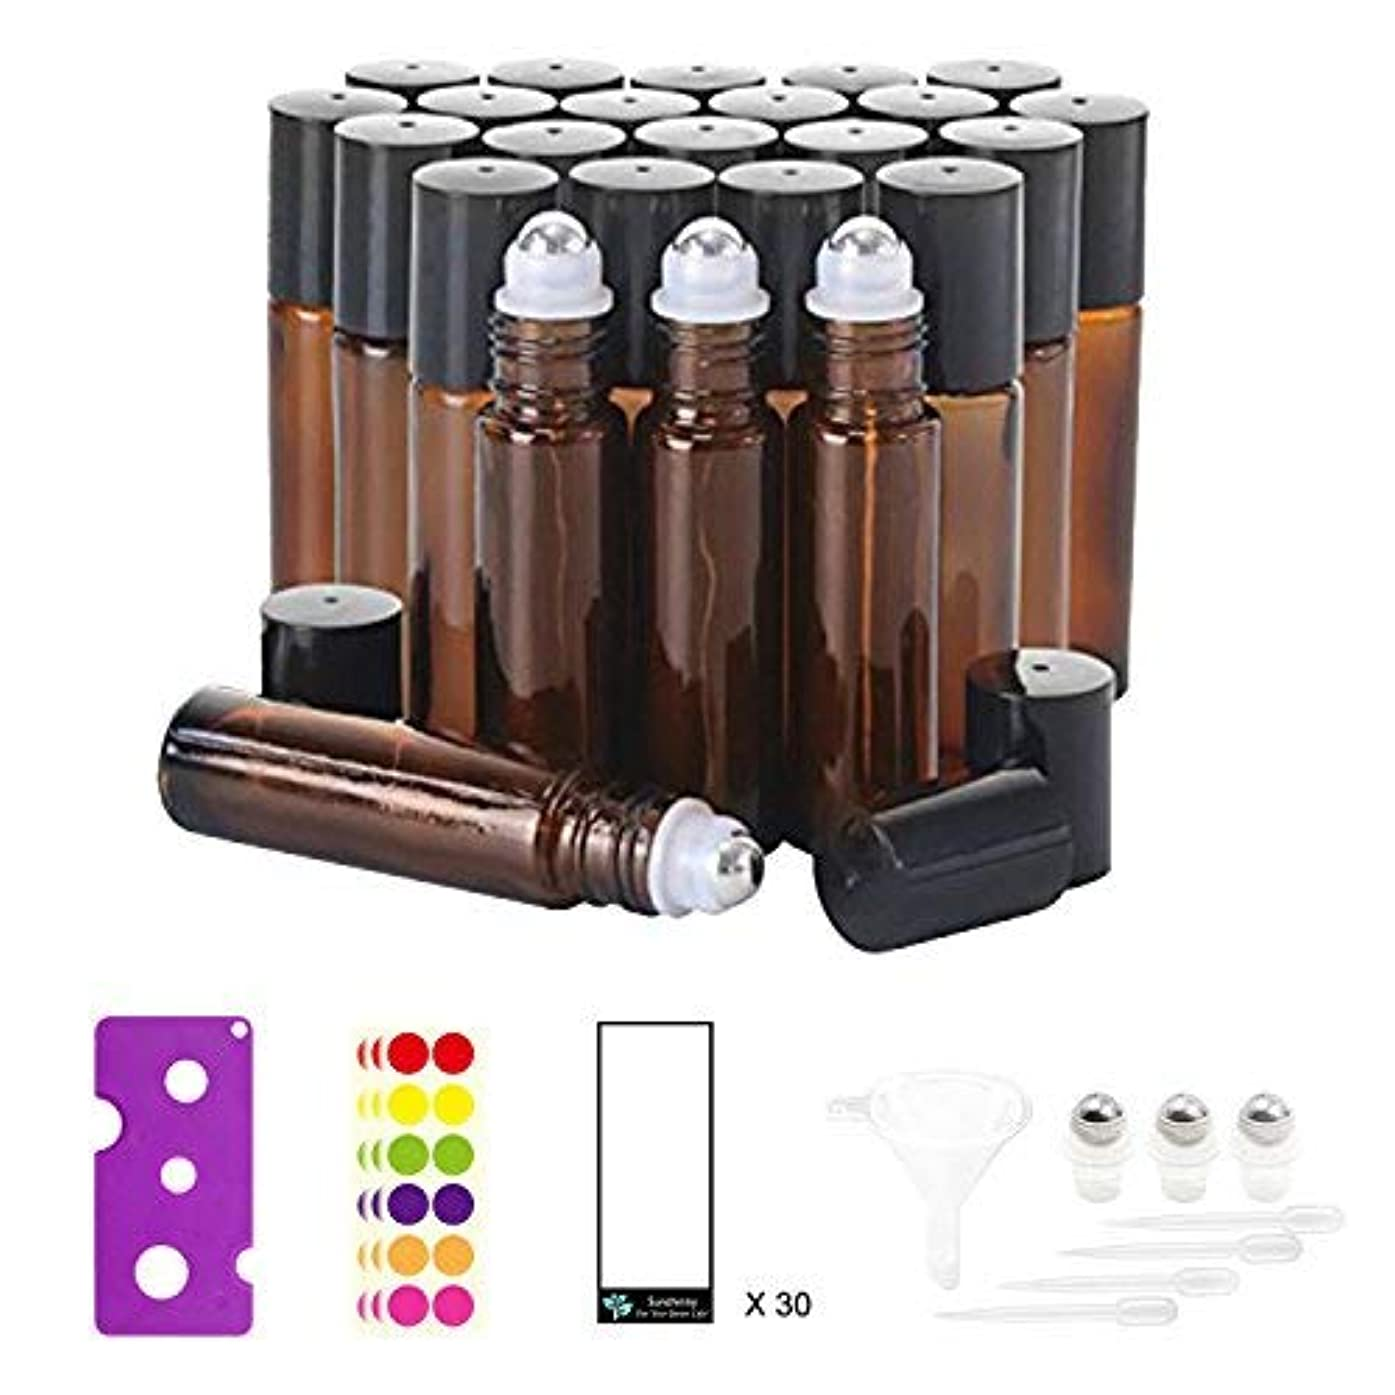 検出するいらいらするまた明日ね24, 10 ml Glass Roller Bottles for Essential Oils - Amber, with Stainless Steel Roller Balls (3 Extra Roller Balls...